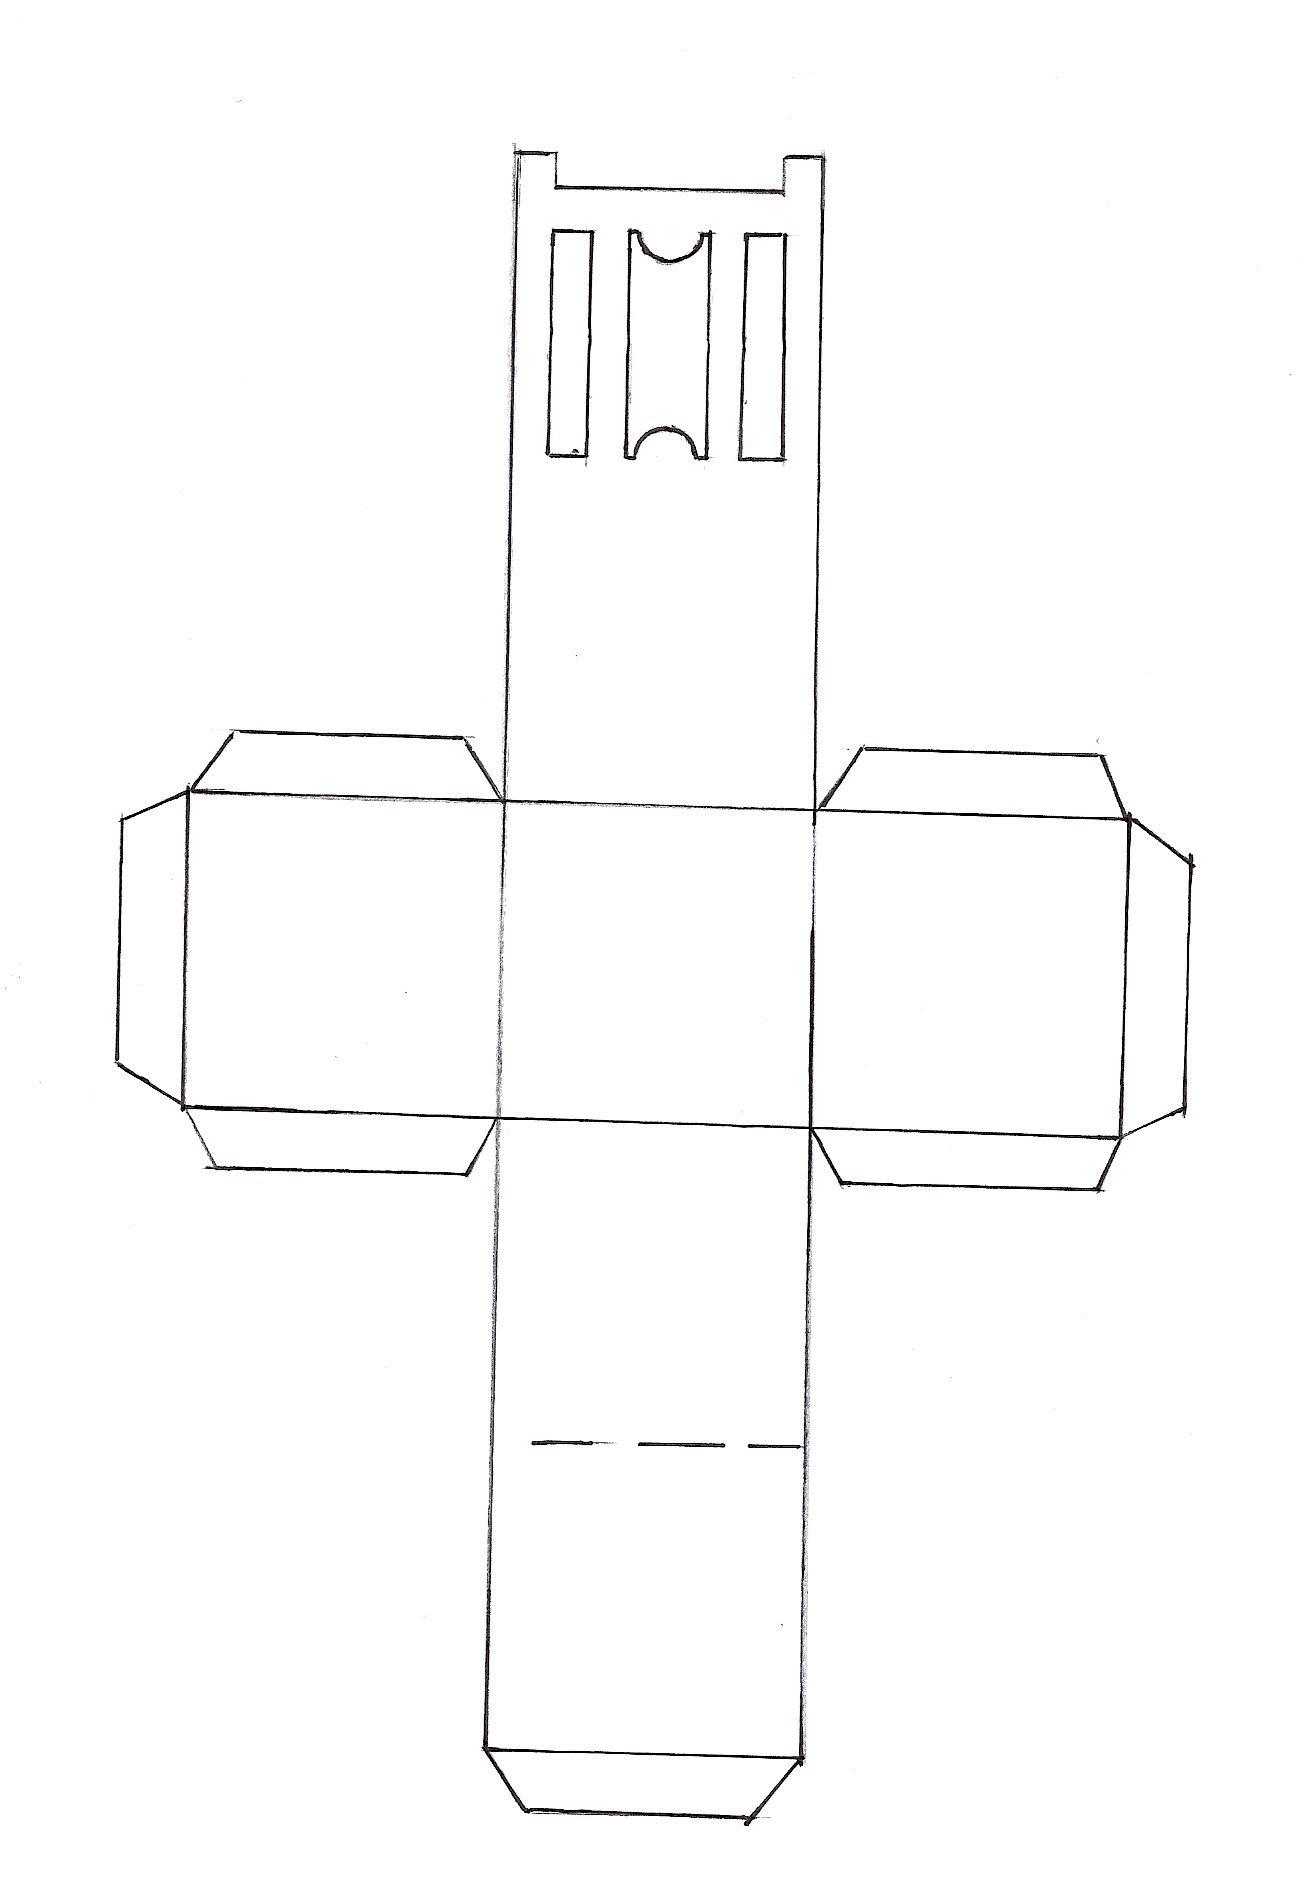 Meuble cuisine dimension comment faire une chaise en carton - Comment fabriquer une table en carton ...